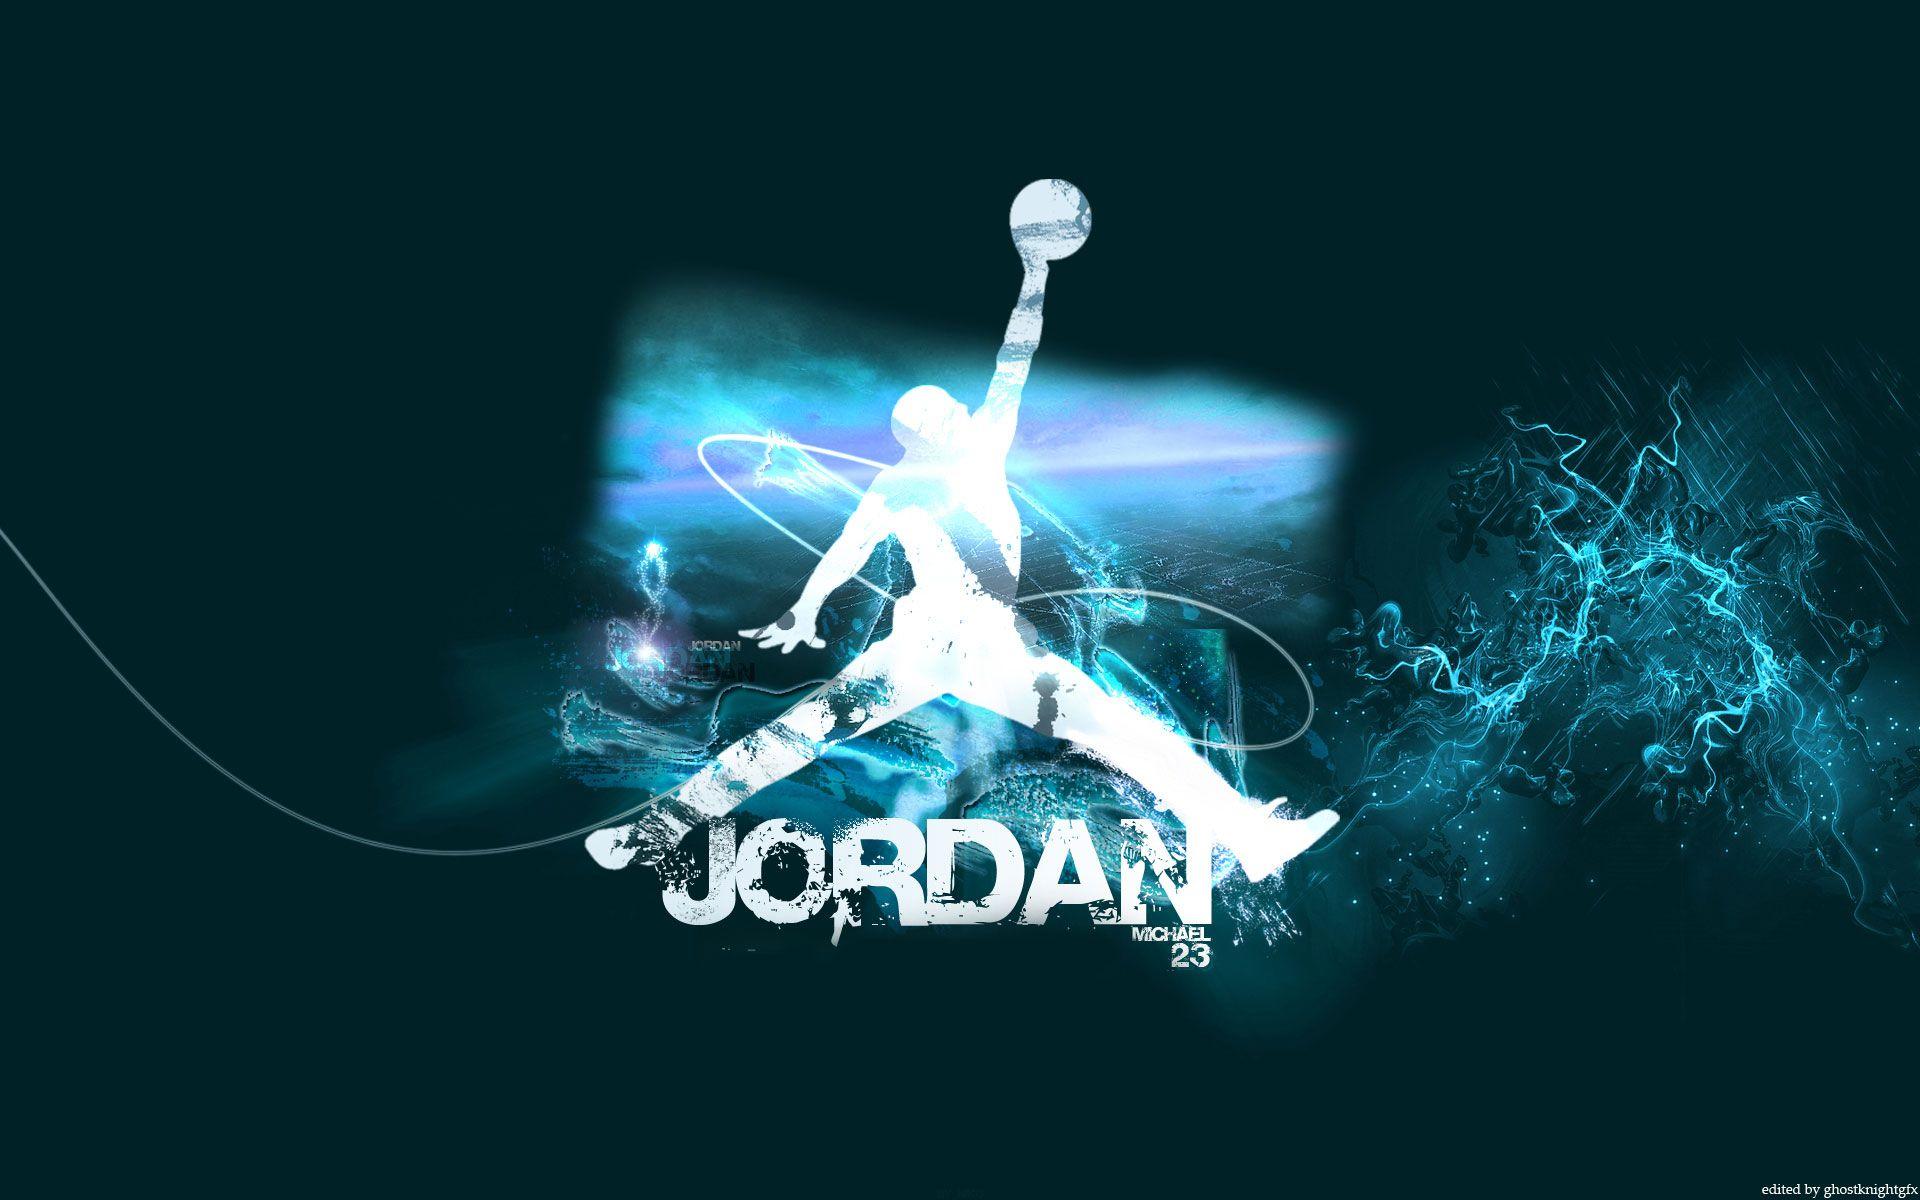 Jordan Graham Wallpaper: Michael Jordan Wallpaper Jordan Wallpapers And Jordan 1280